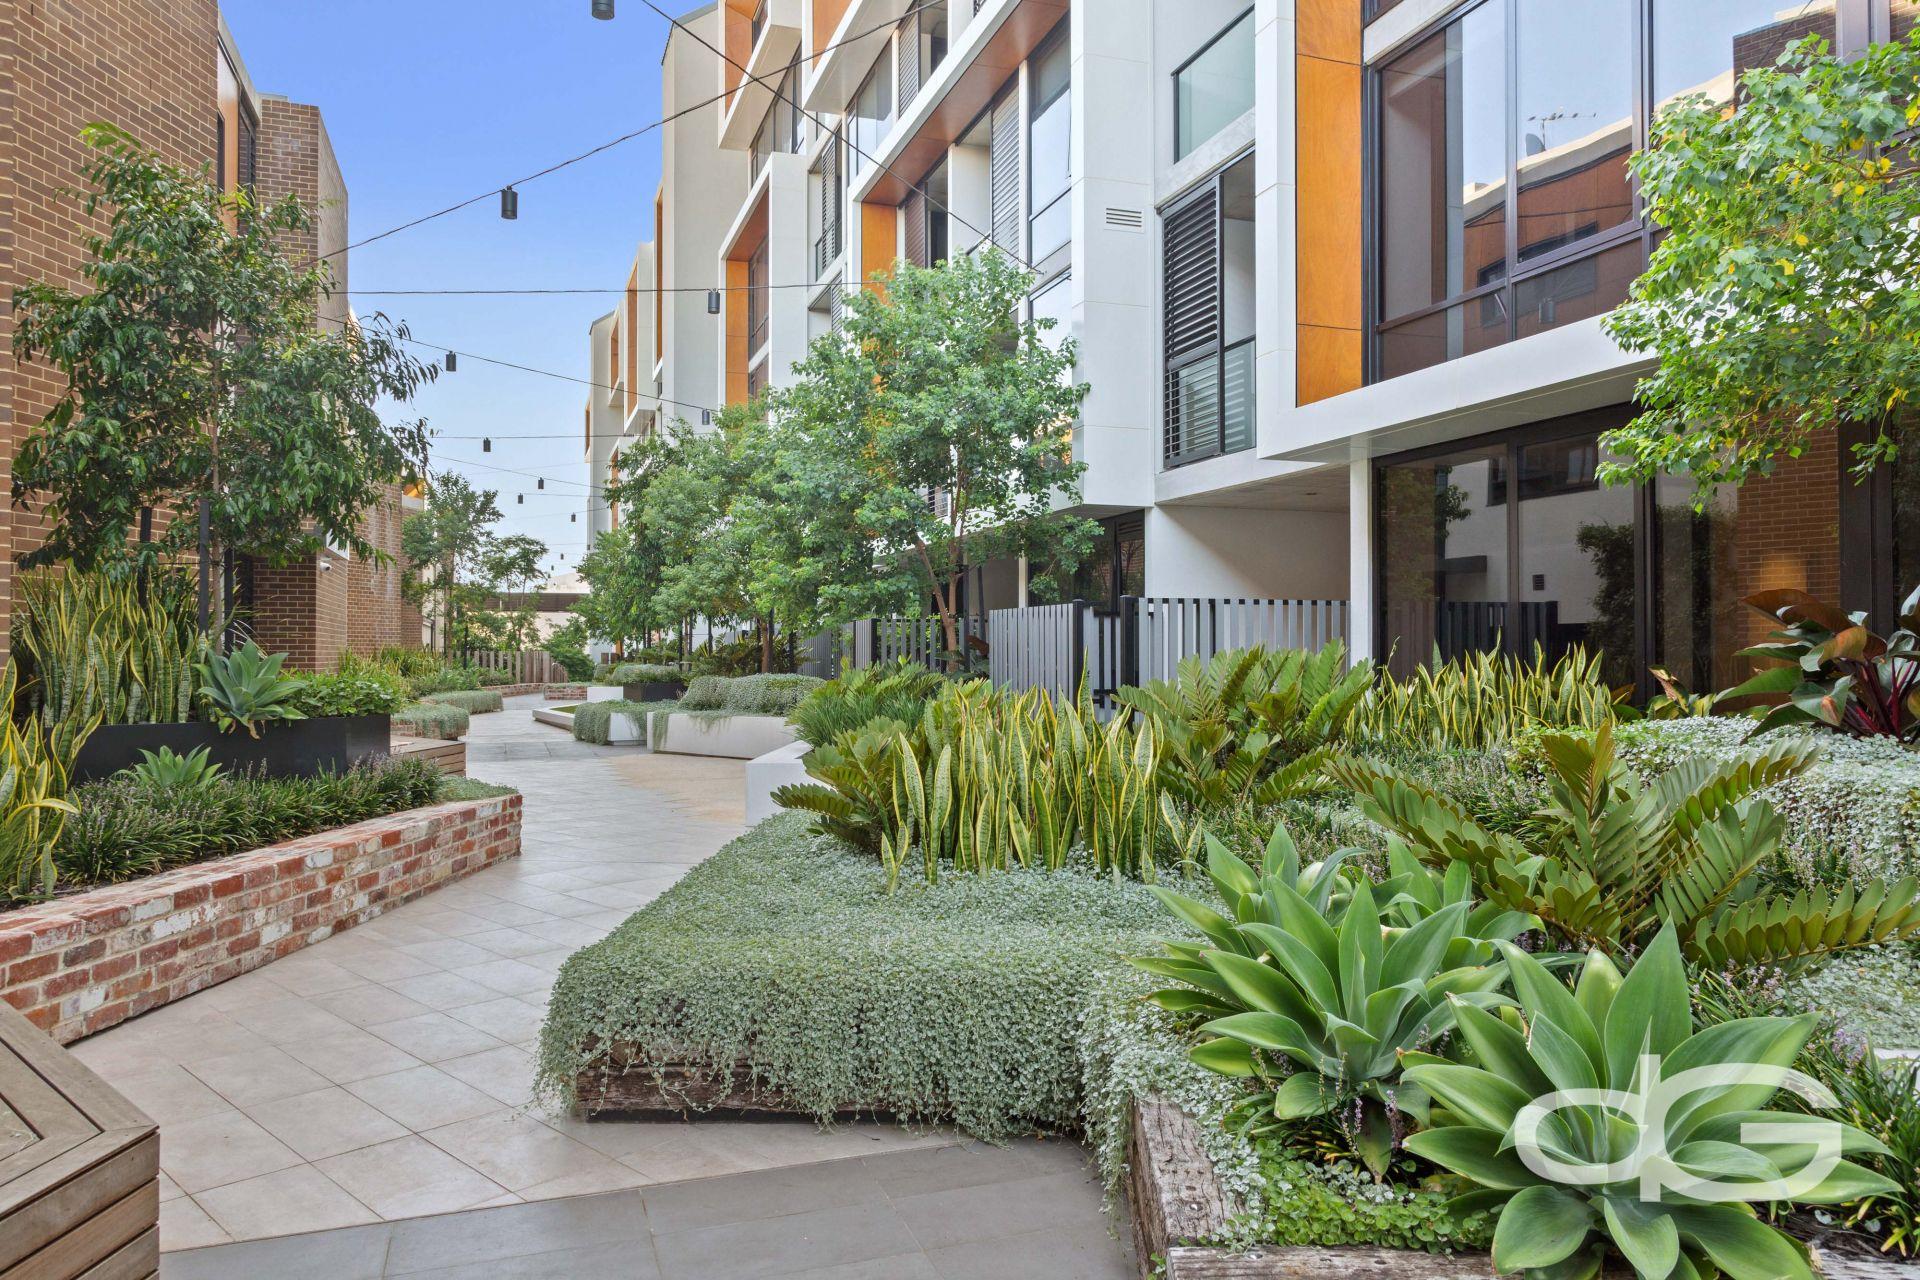 123/51 Queen Victoria Street, Fremantle